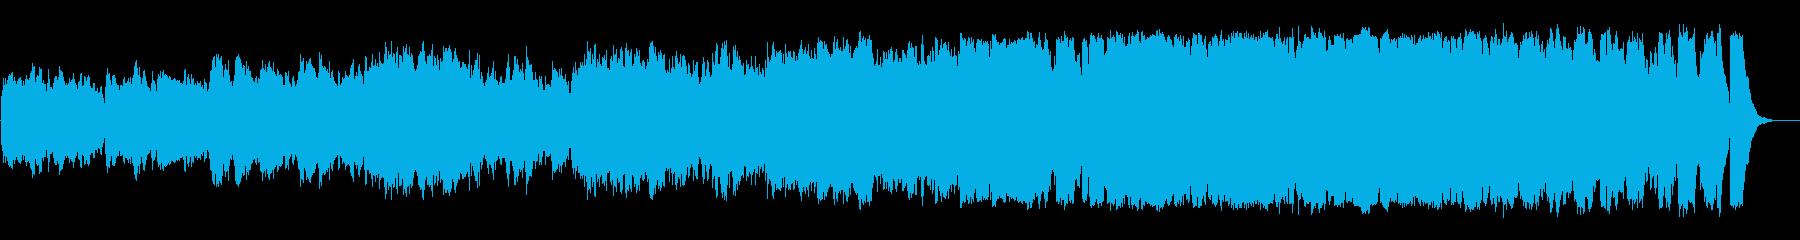 雄大で優雅なヒーリングミュージックの再生済みの波形